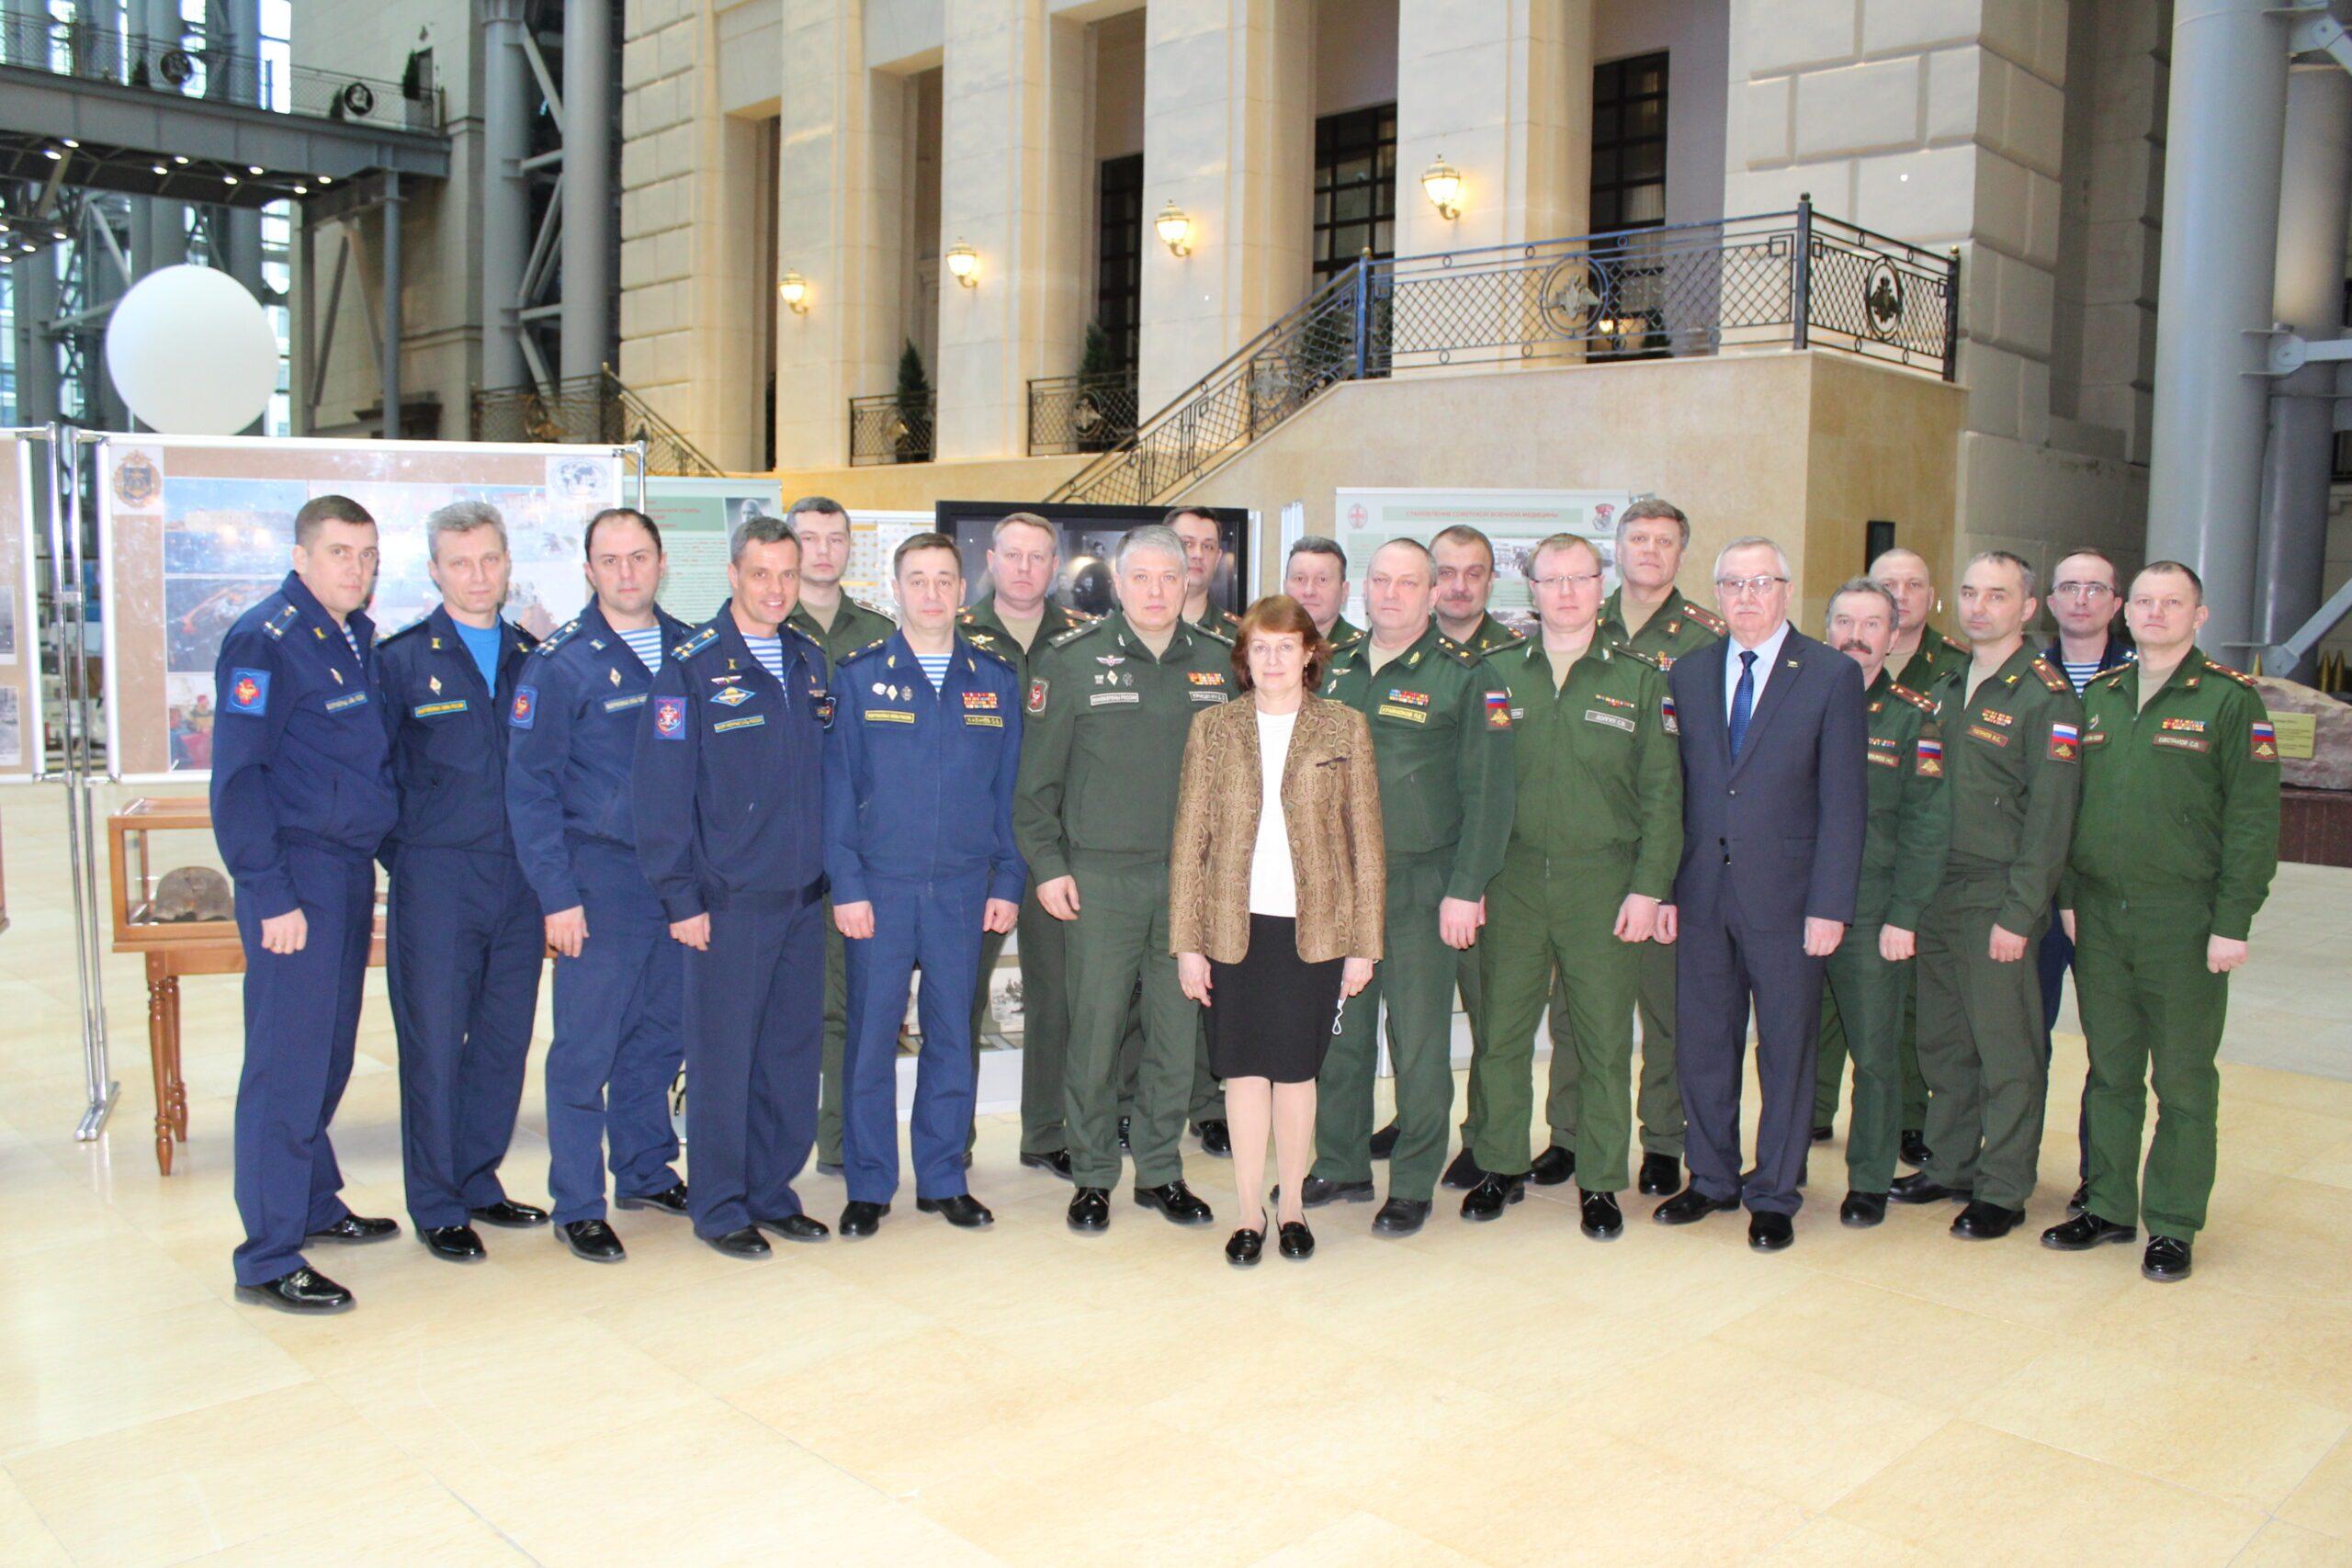 Военно-медицинская академия представила экспозицию на выставке в Москве